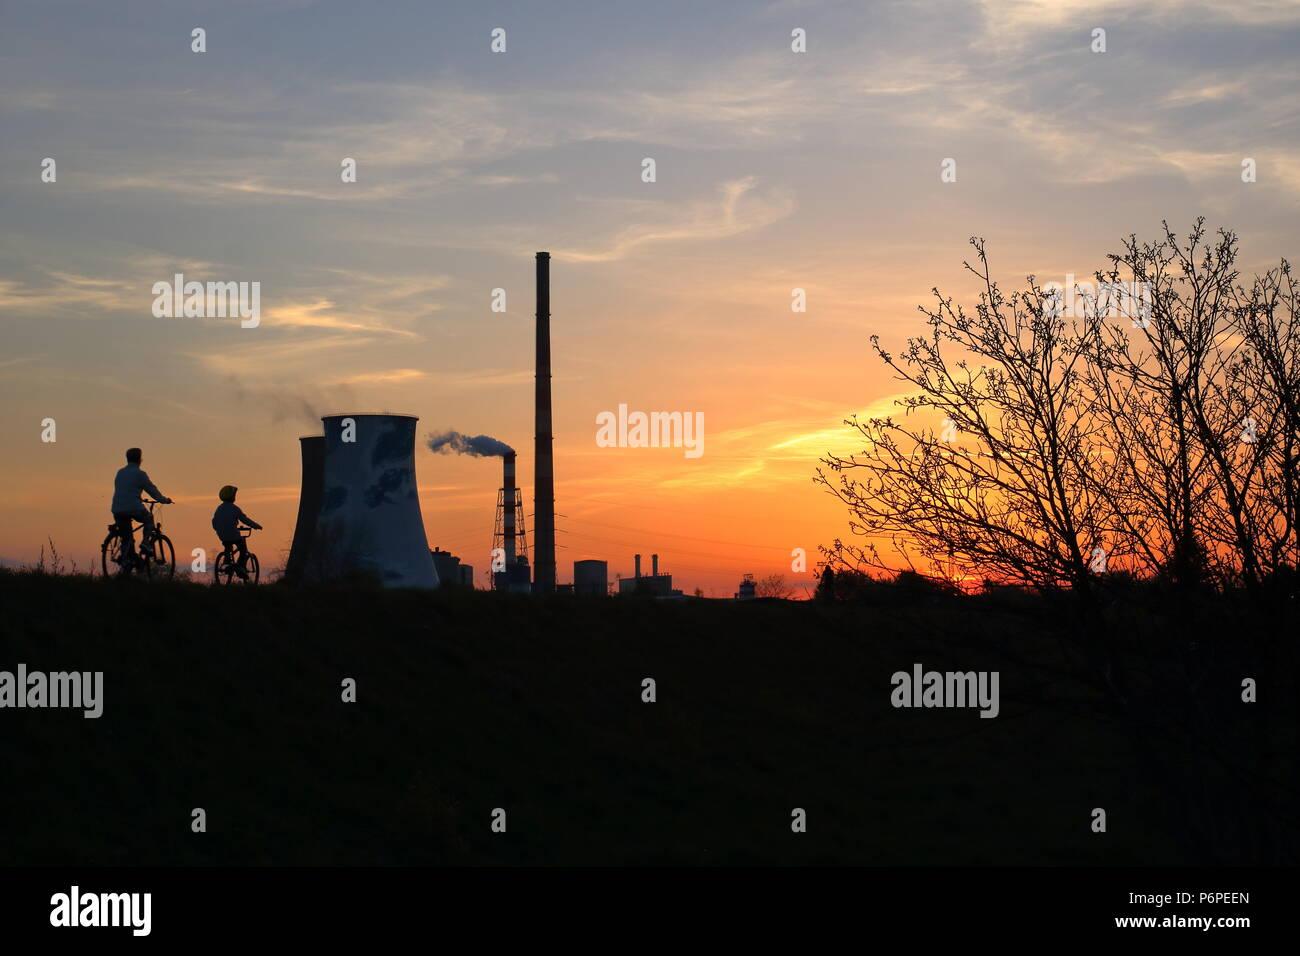 Sonnenuntergang, ornage Sky, in der Dämmerung Baum, Radweg mit zwei Radfahrer, paretna und Kinder, Gruppe von hohen und großen smkoe chimeys, von Ihnen Stockbild